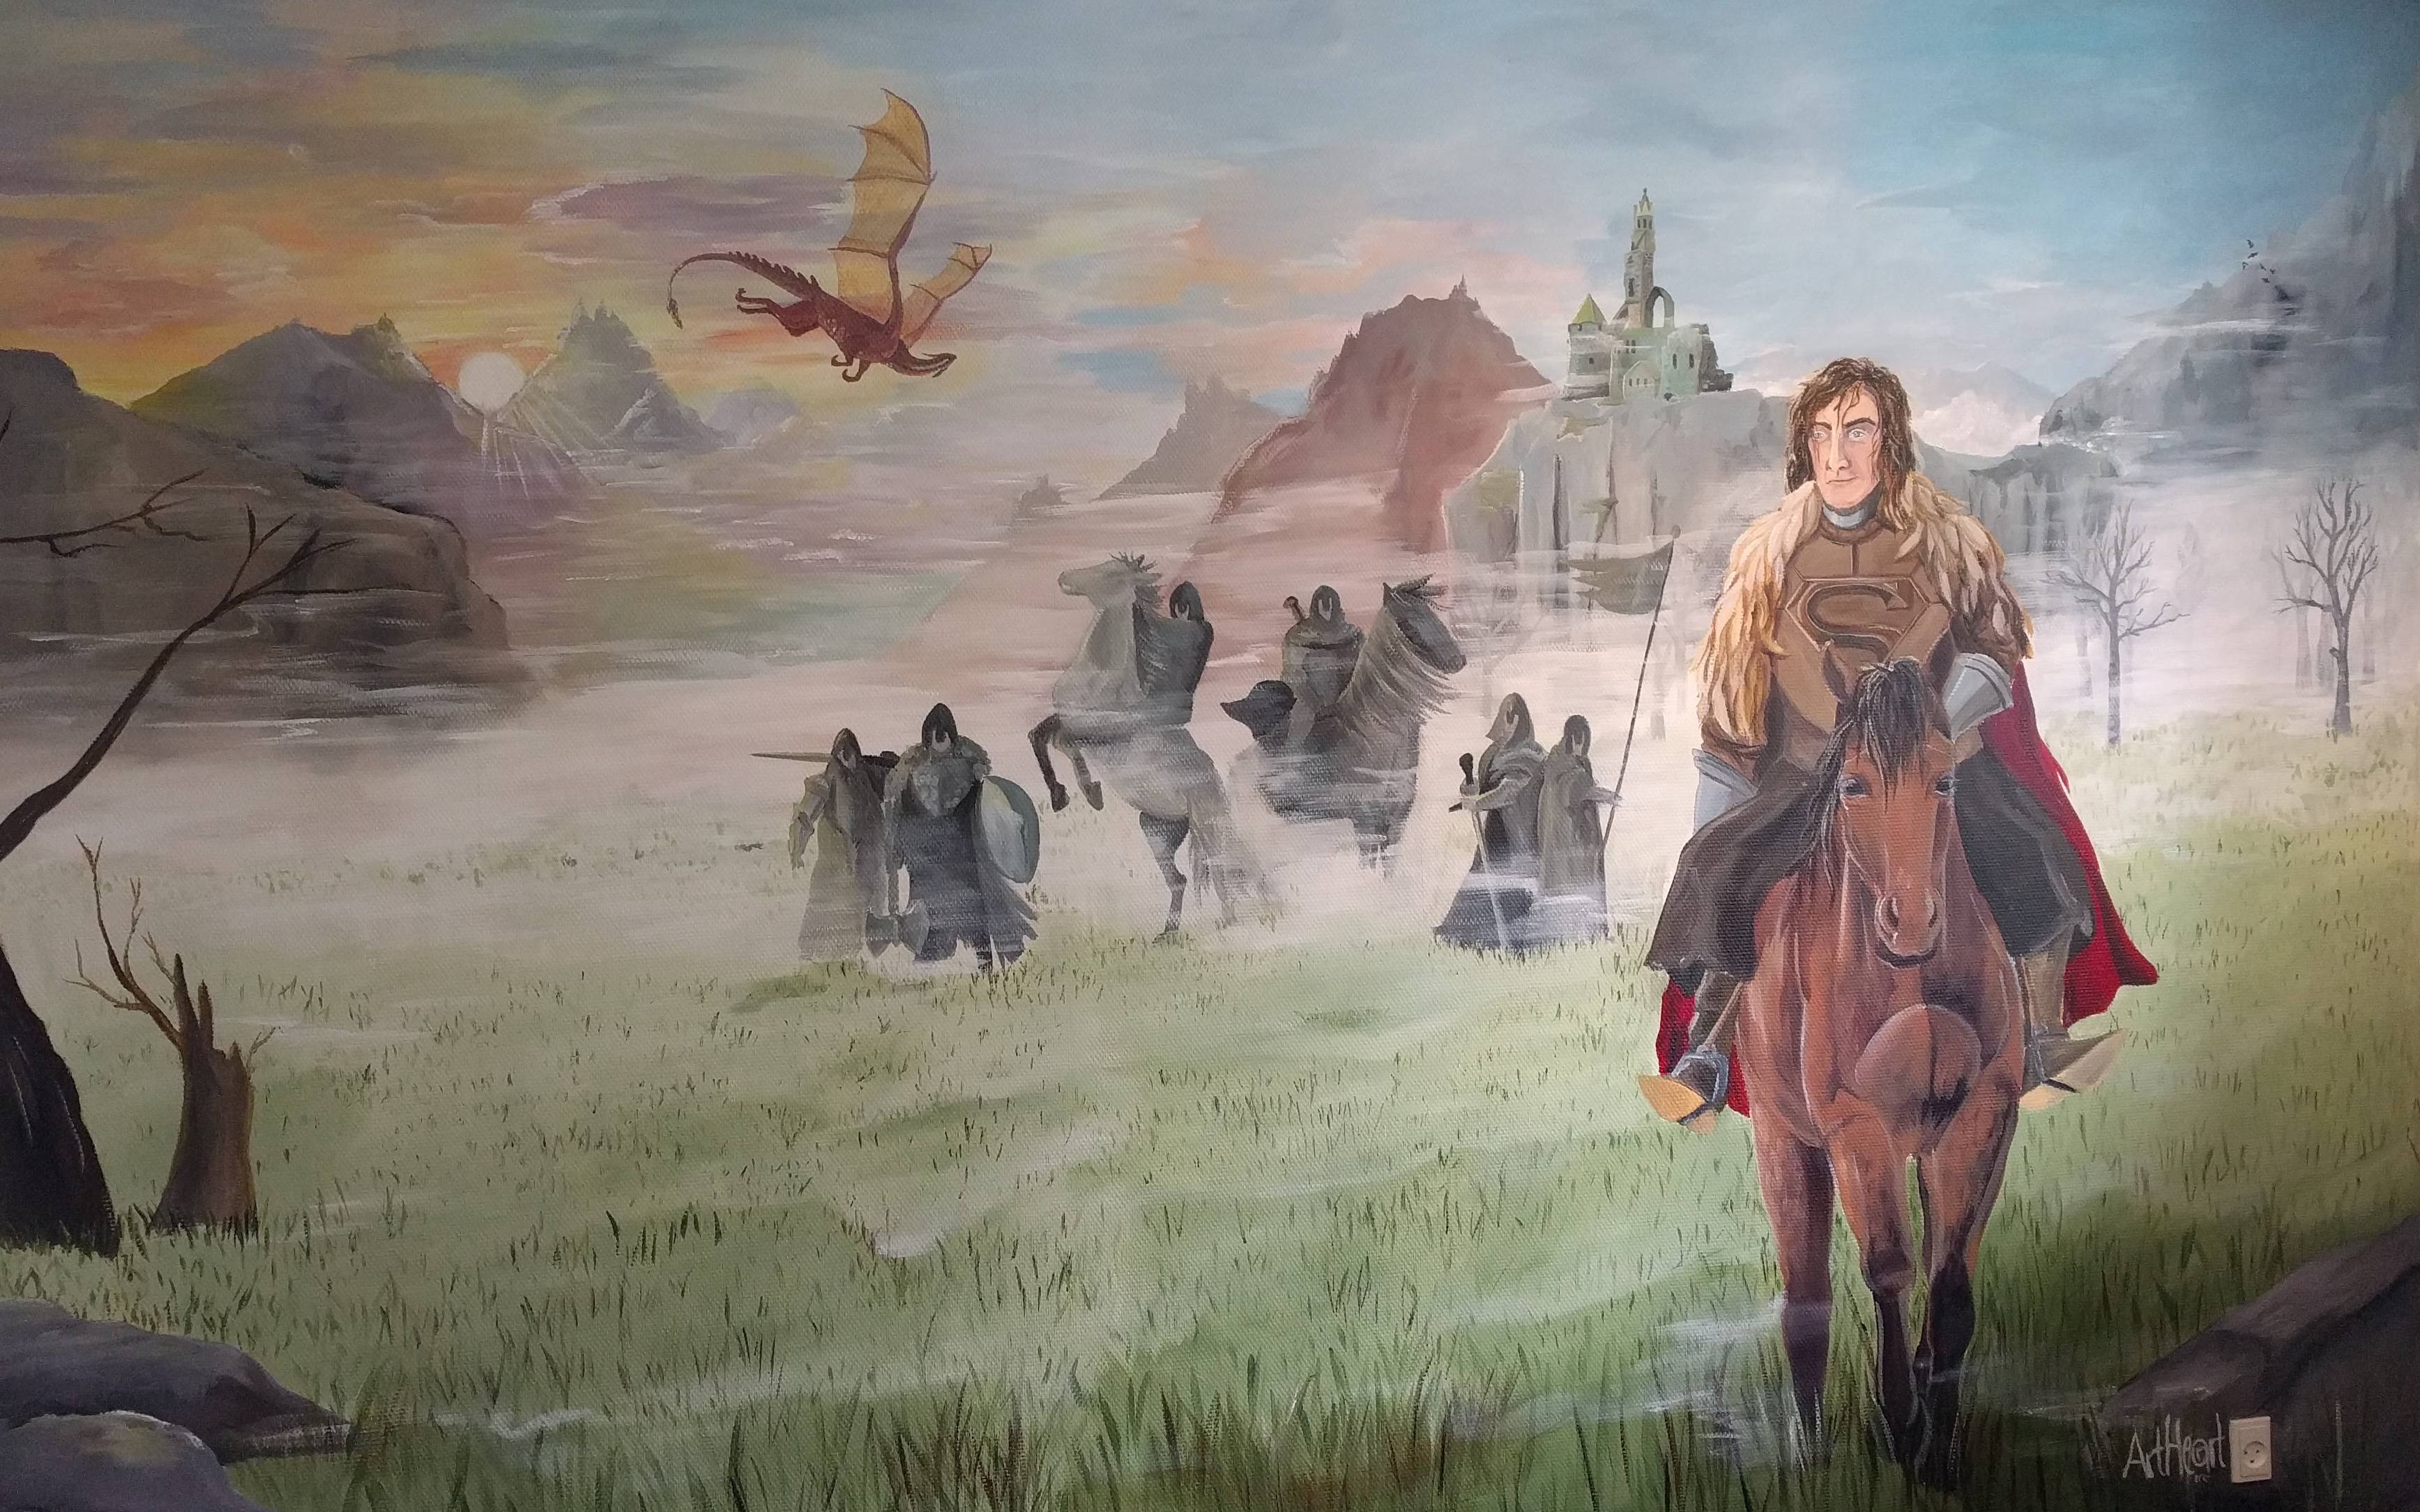 Vægmaleri af riddere og drager, malet til et børneværelse